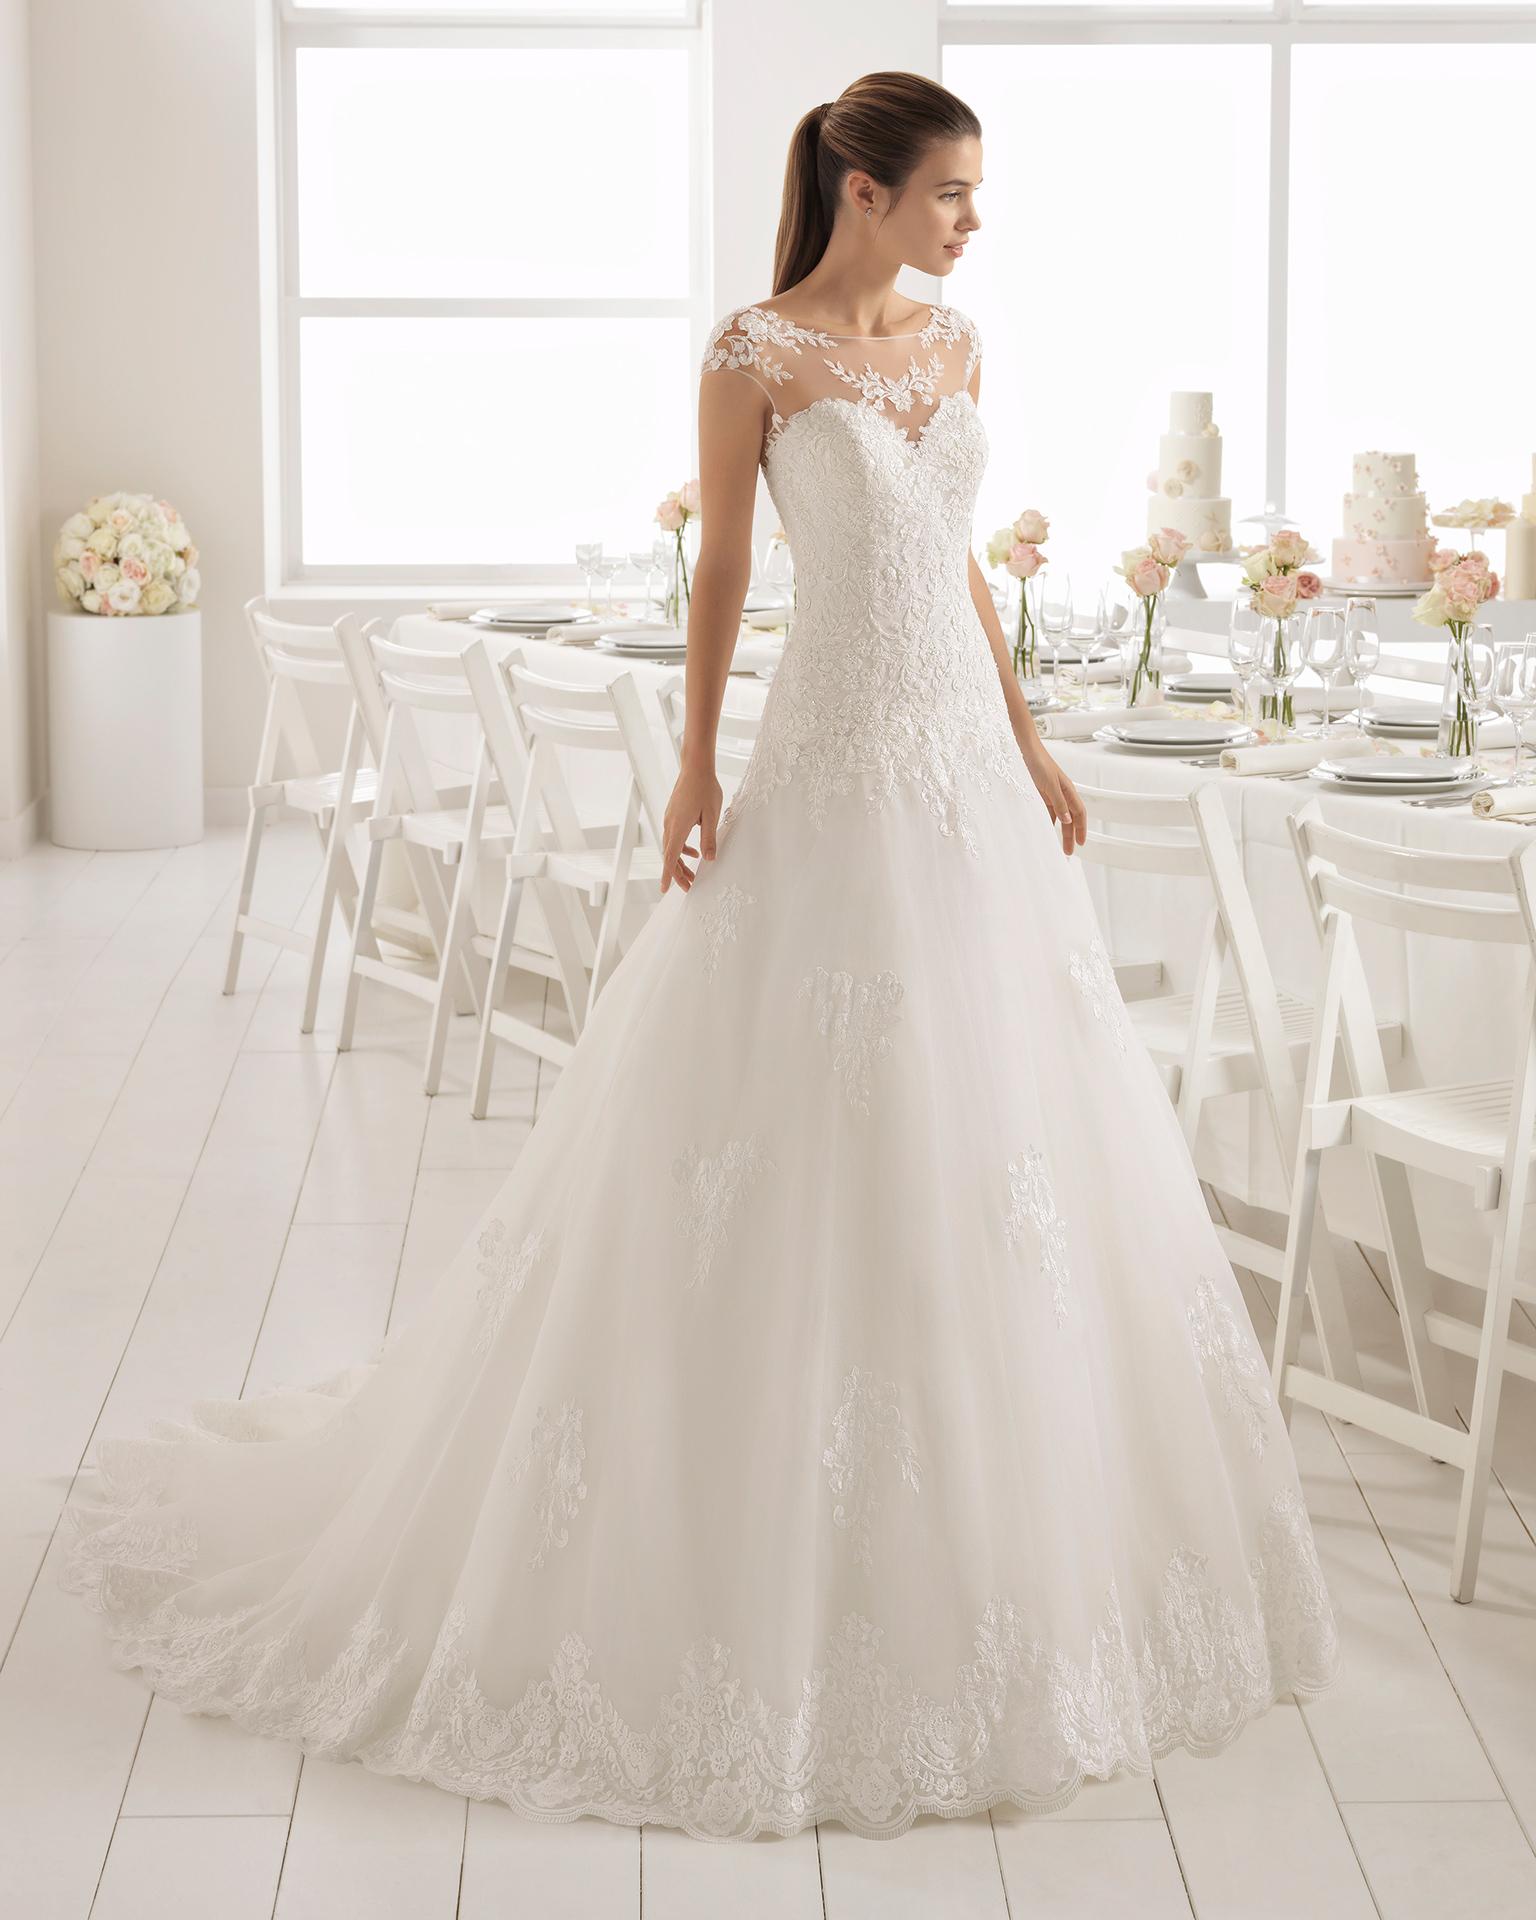 Vestido de novia estilo romántico en gazar, encaje y pedreria, con escote corazón con espalda de encaje.